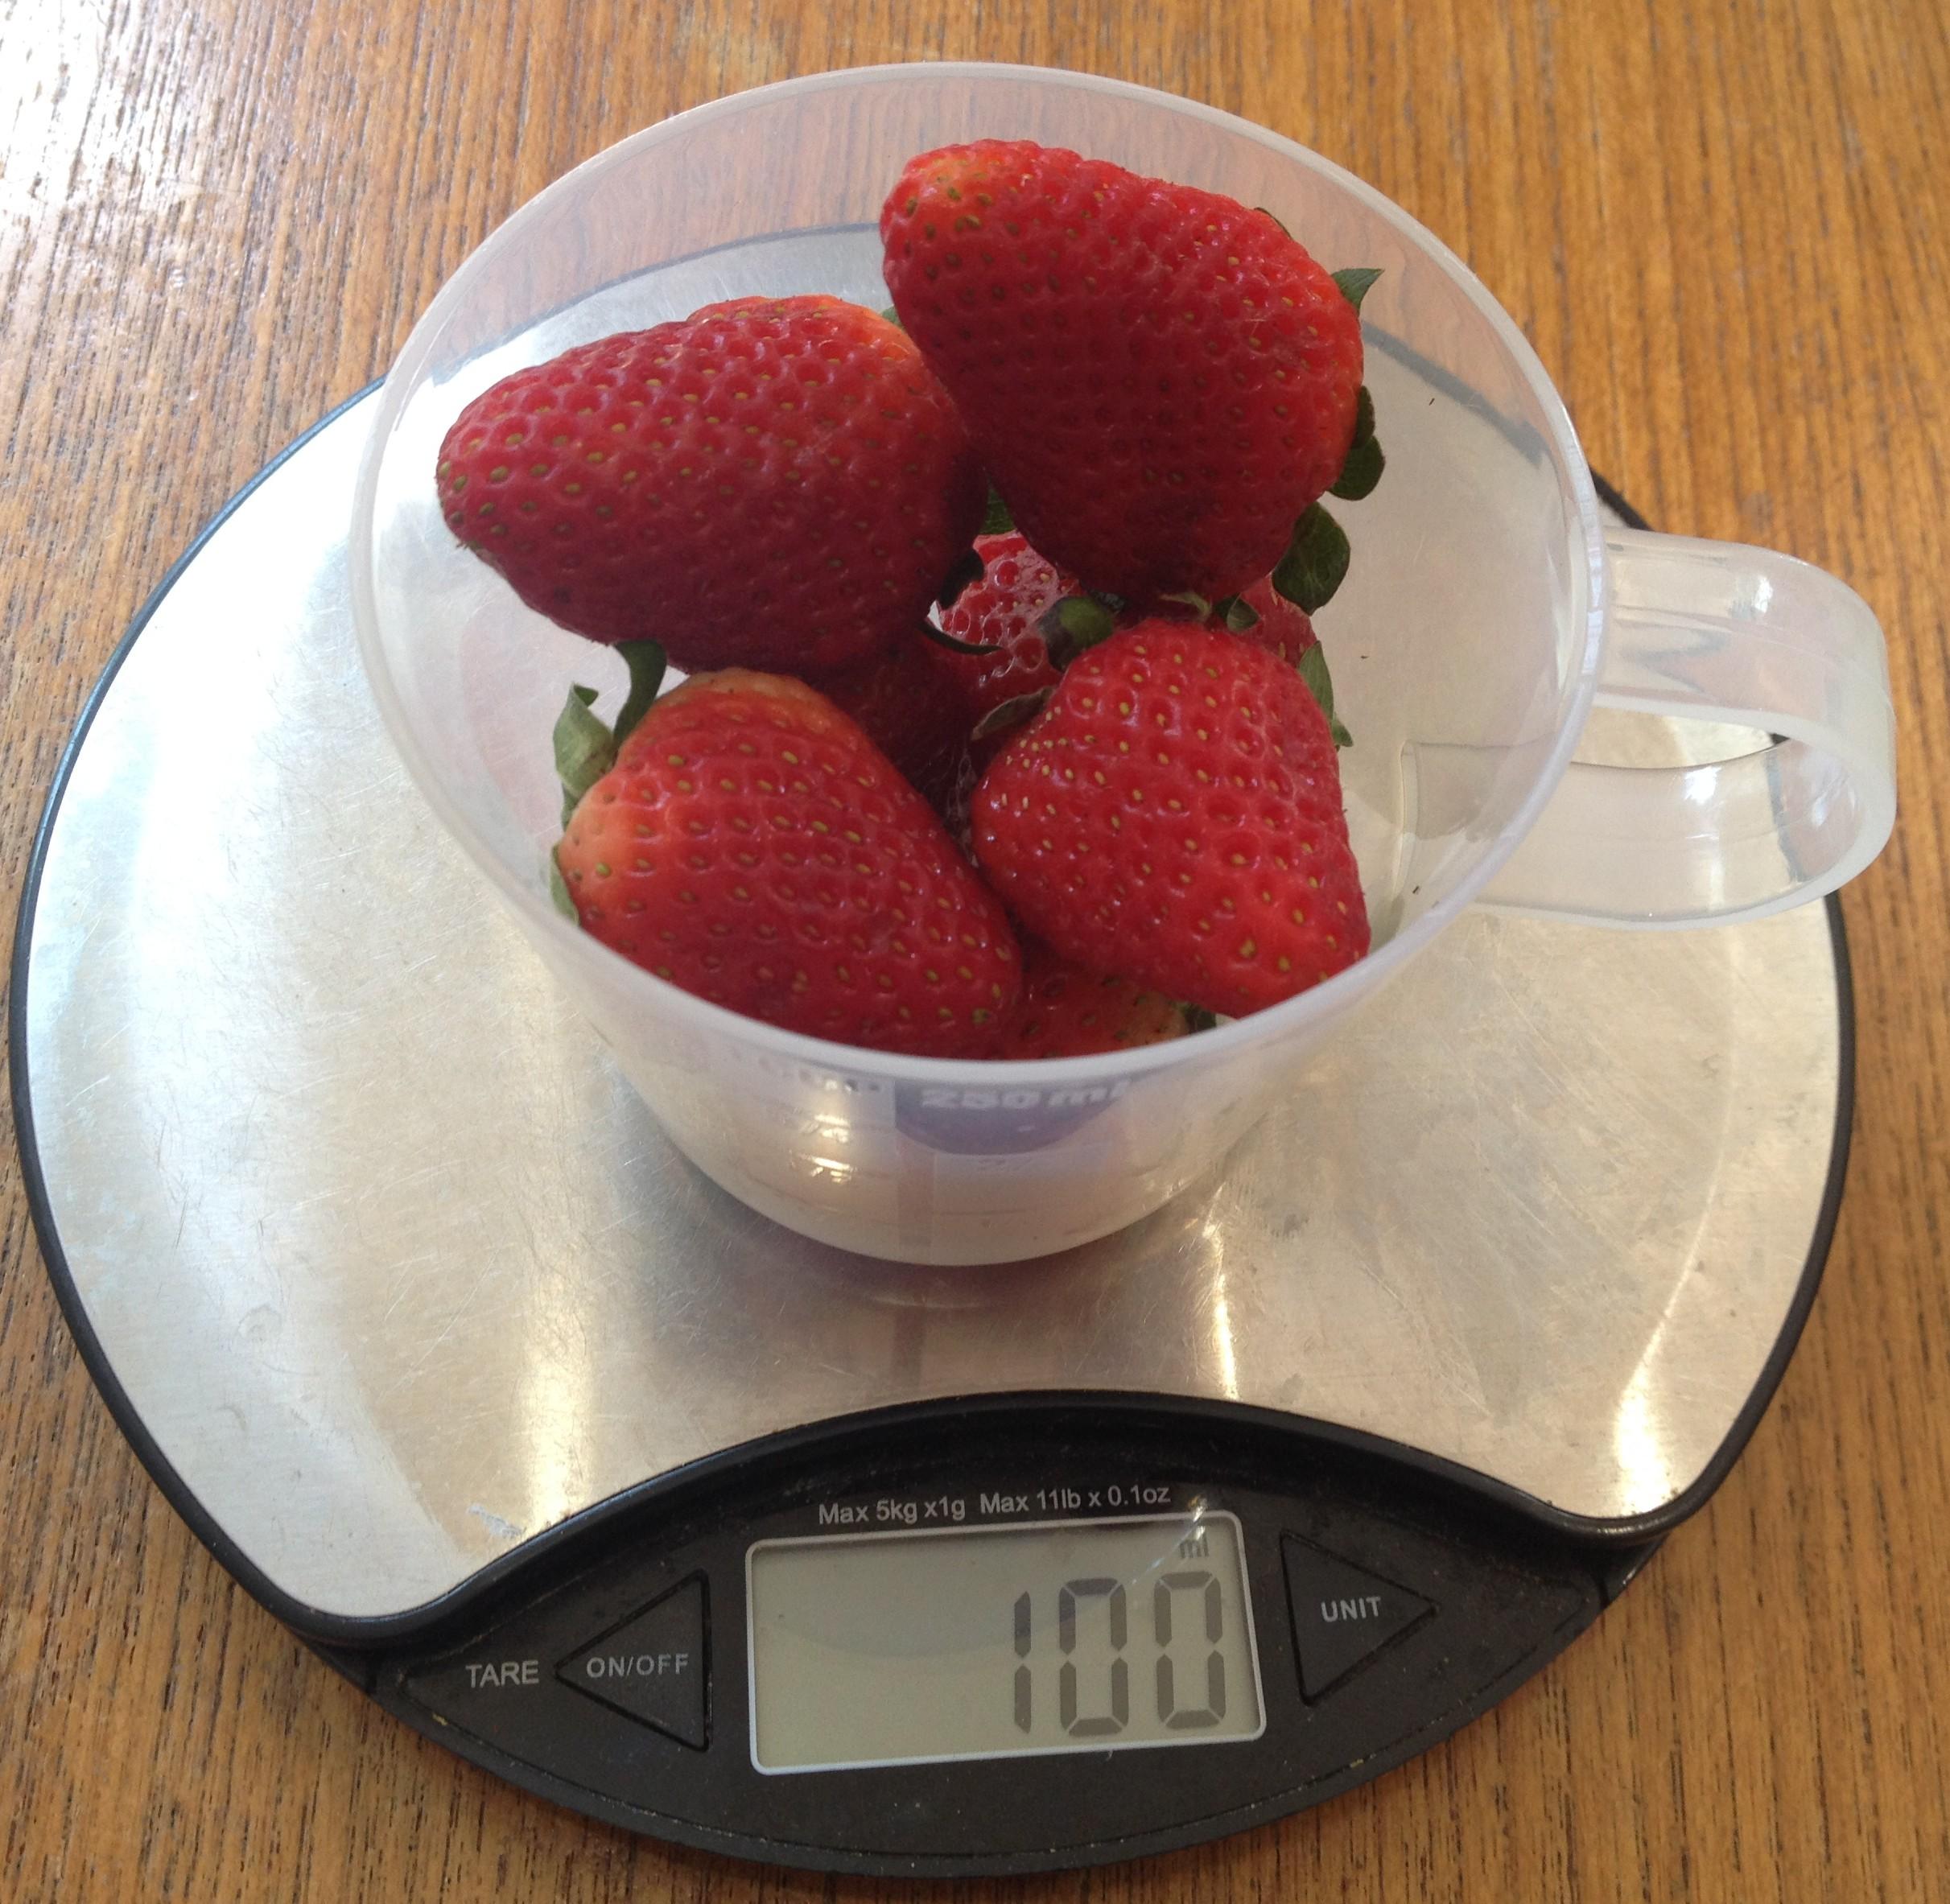 ... strawberries 100g